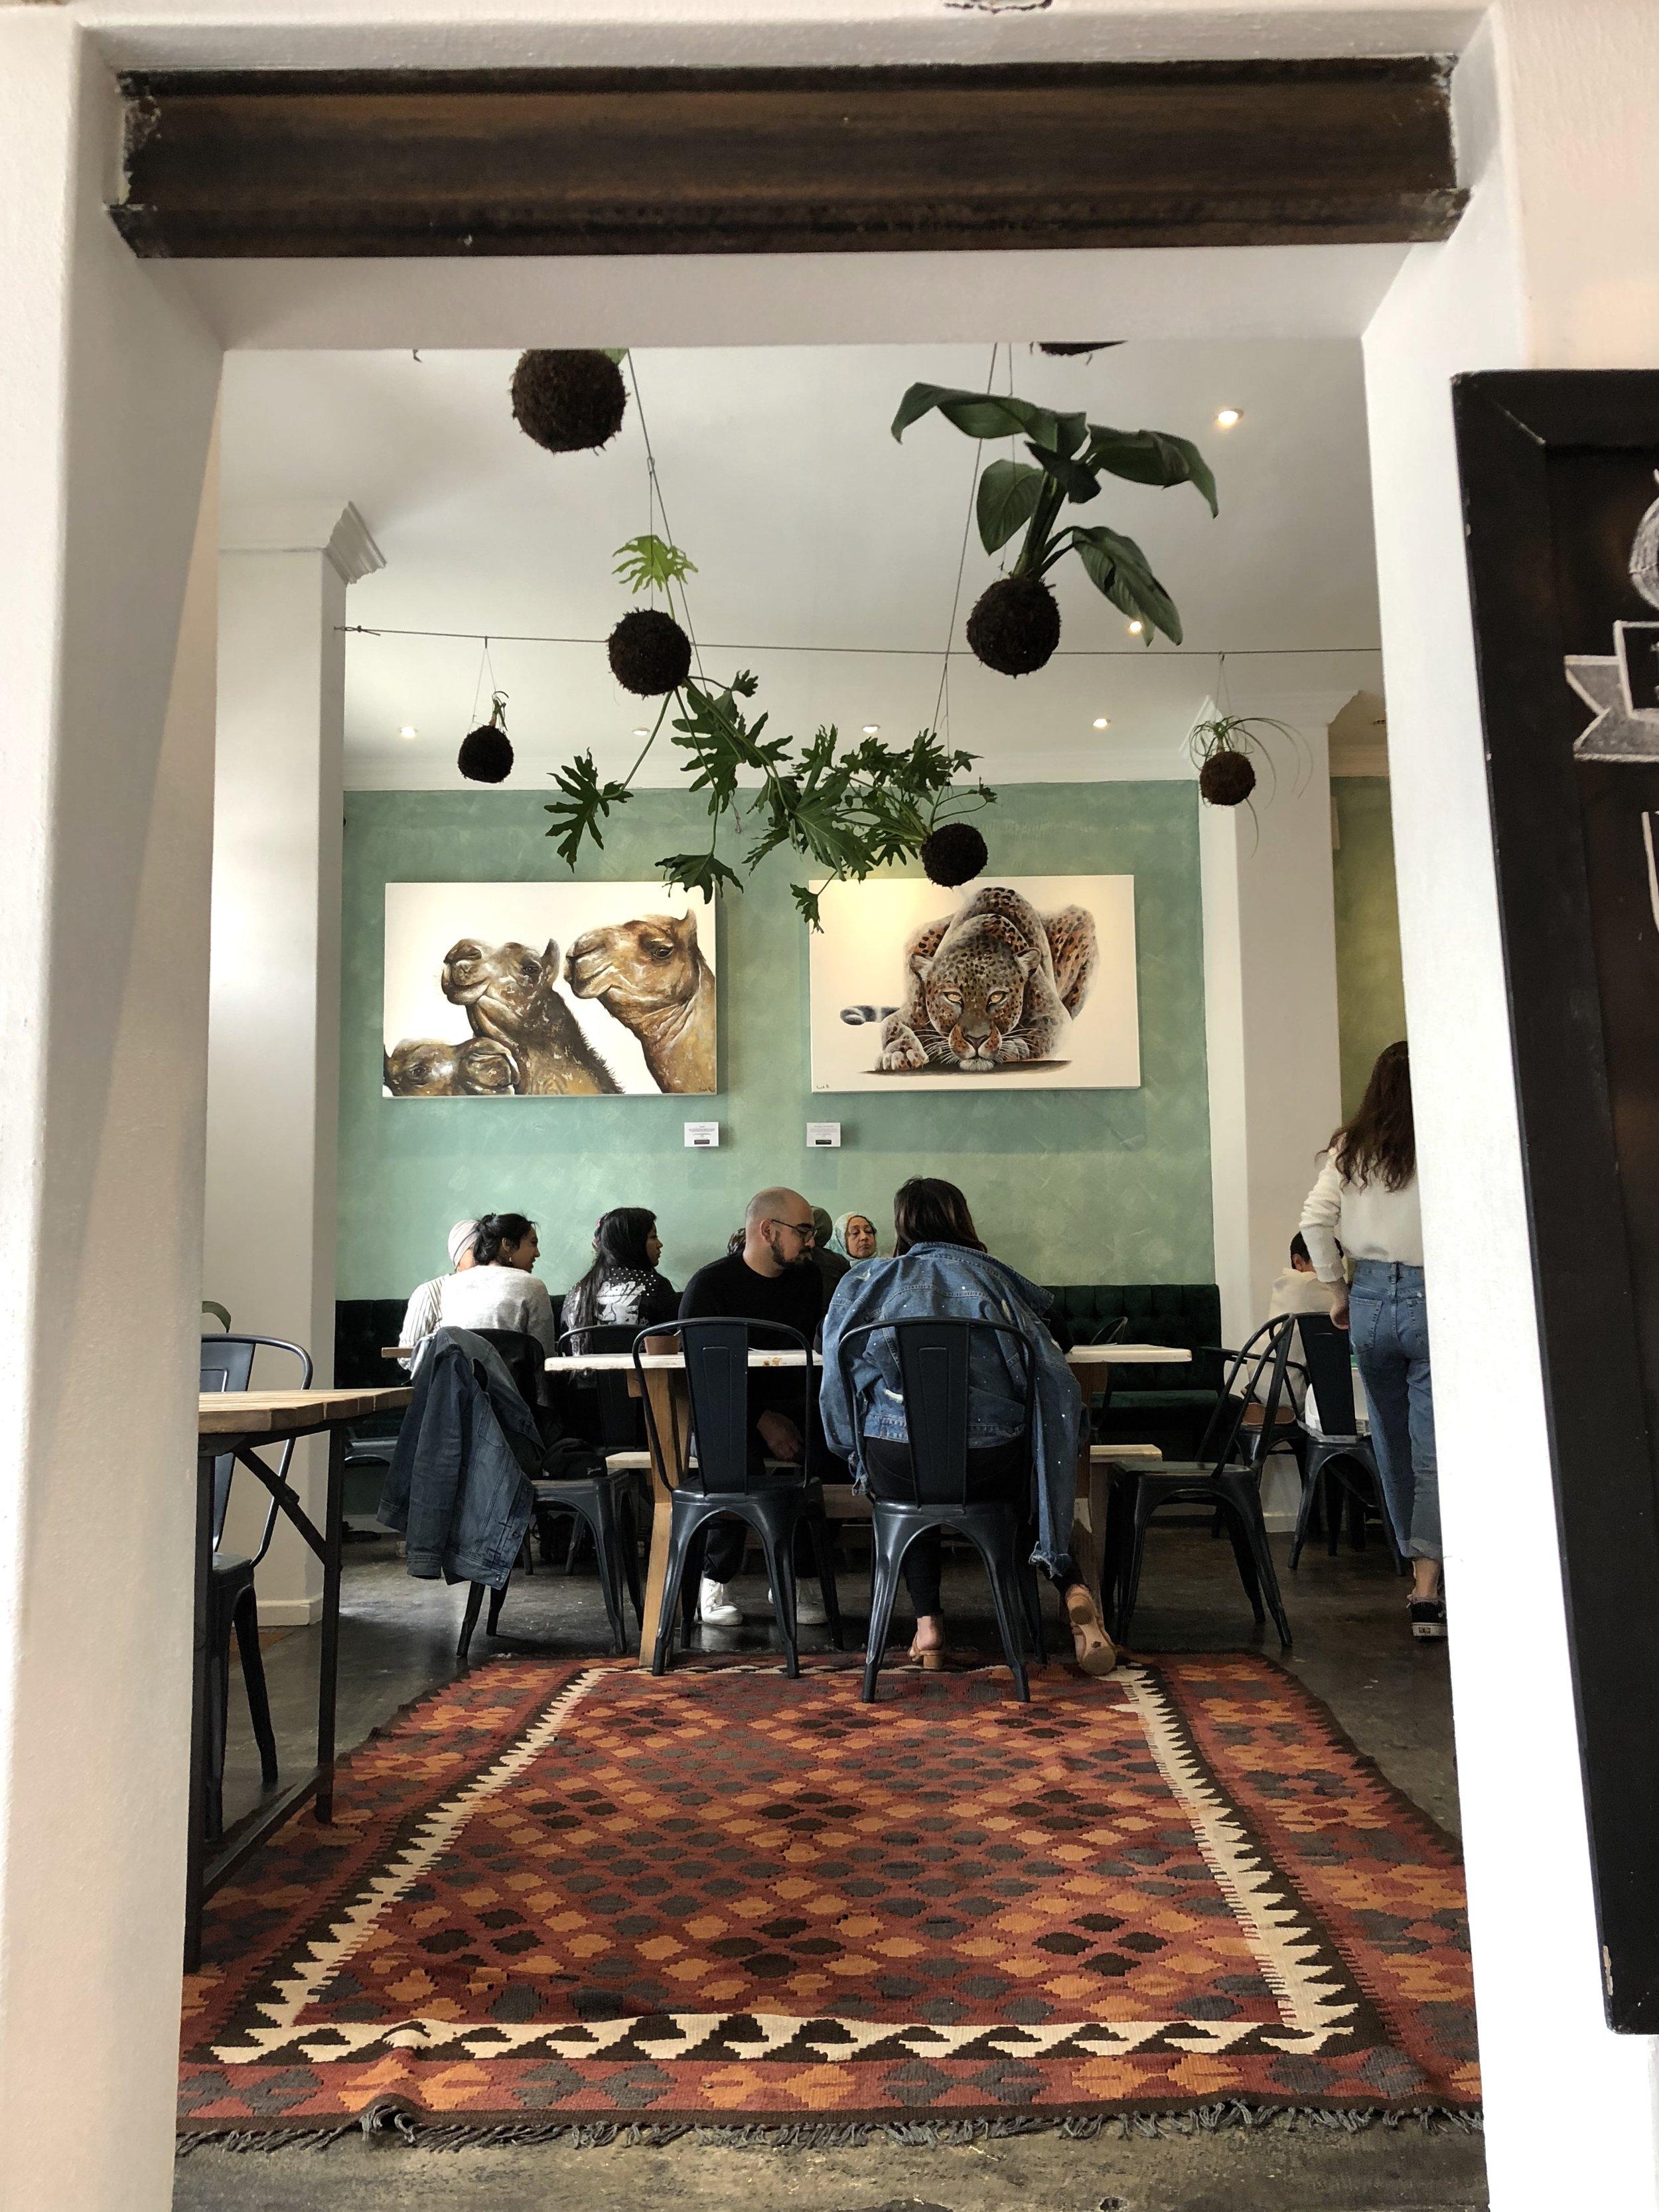 batavia cafe south africa